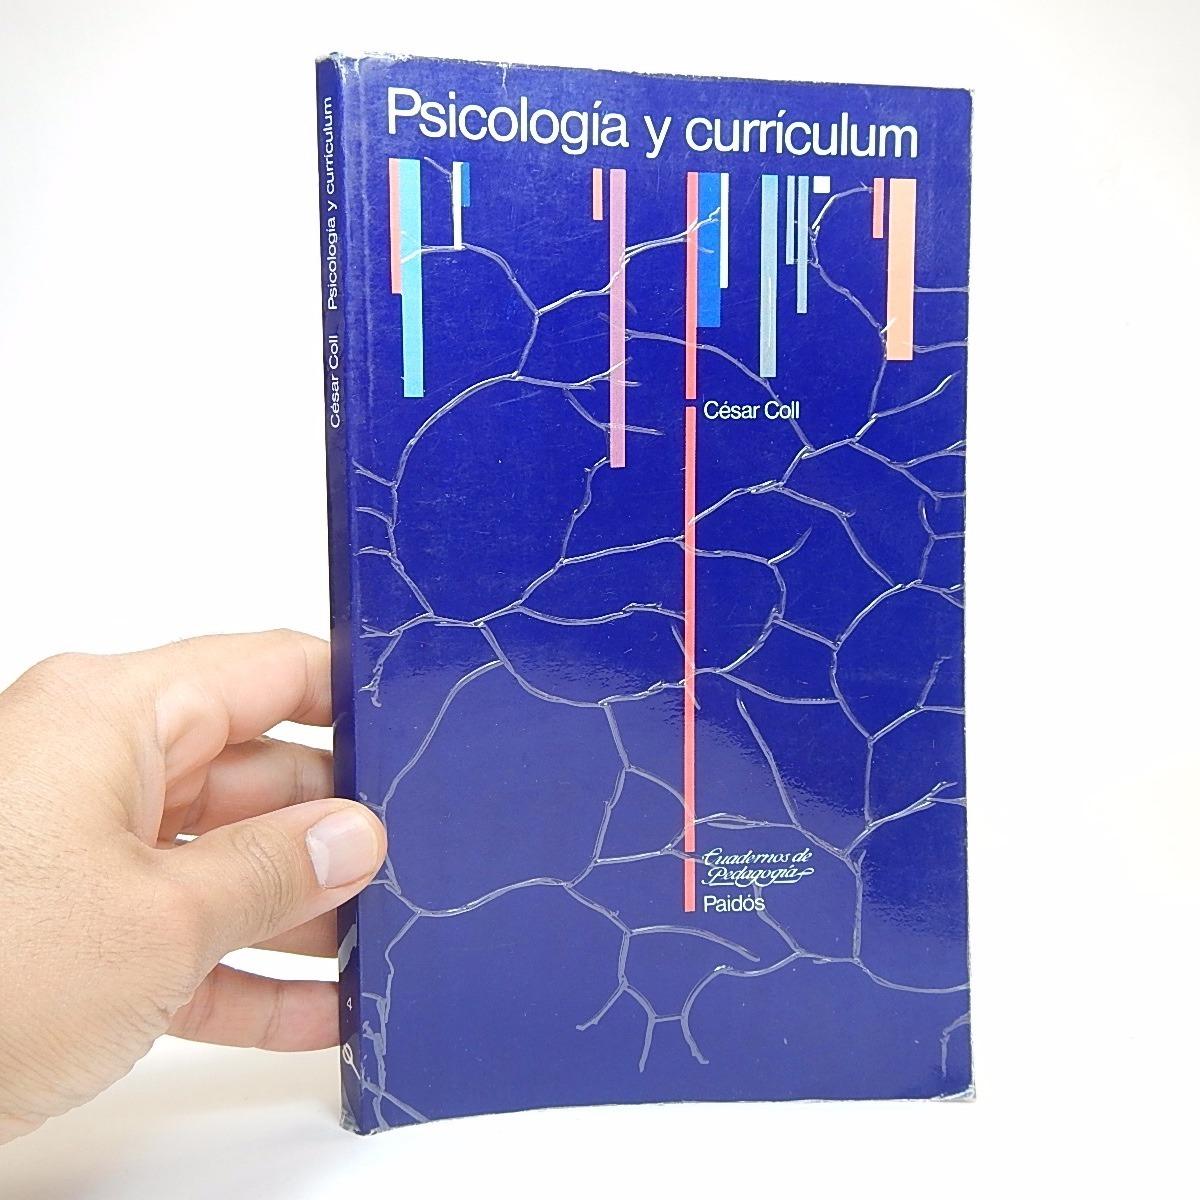 Psicología Y Currículum César Coll Planeación A5 - $ 150.00 en ...